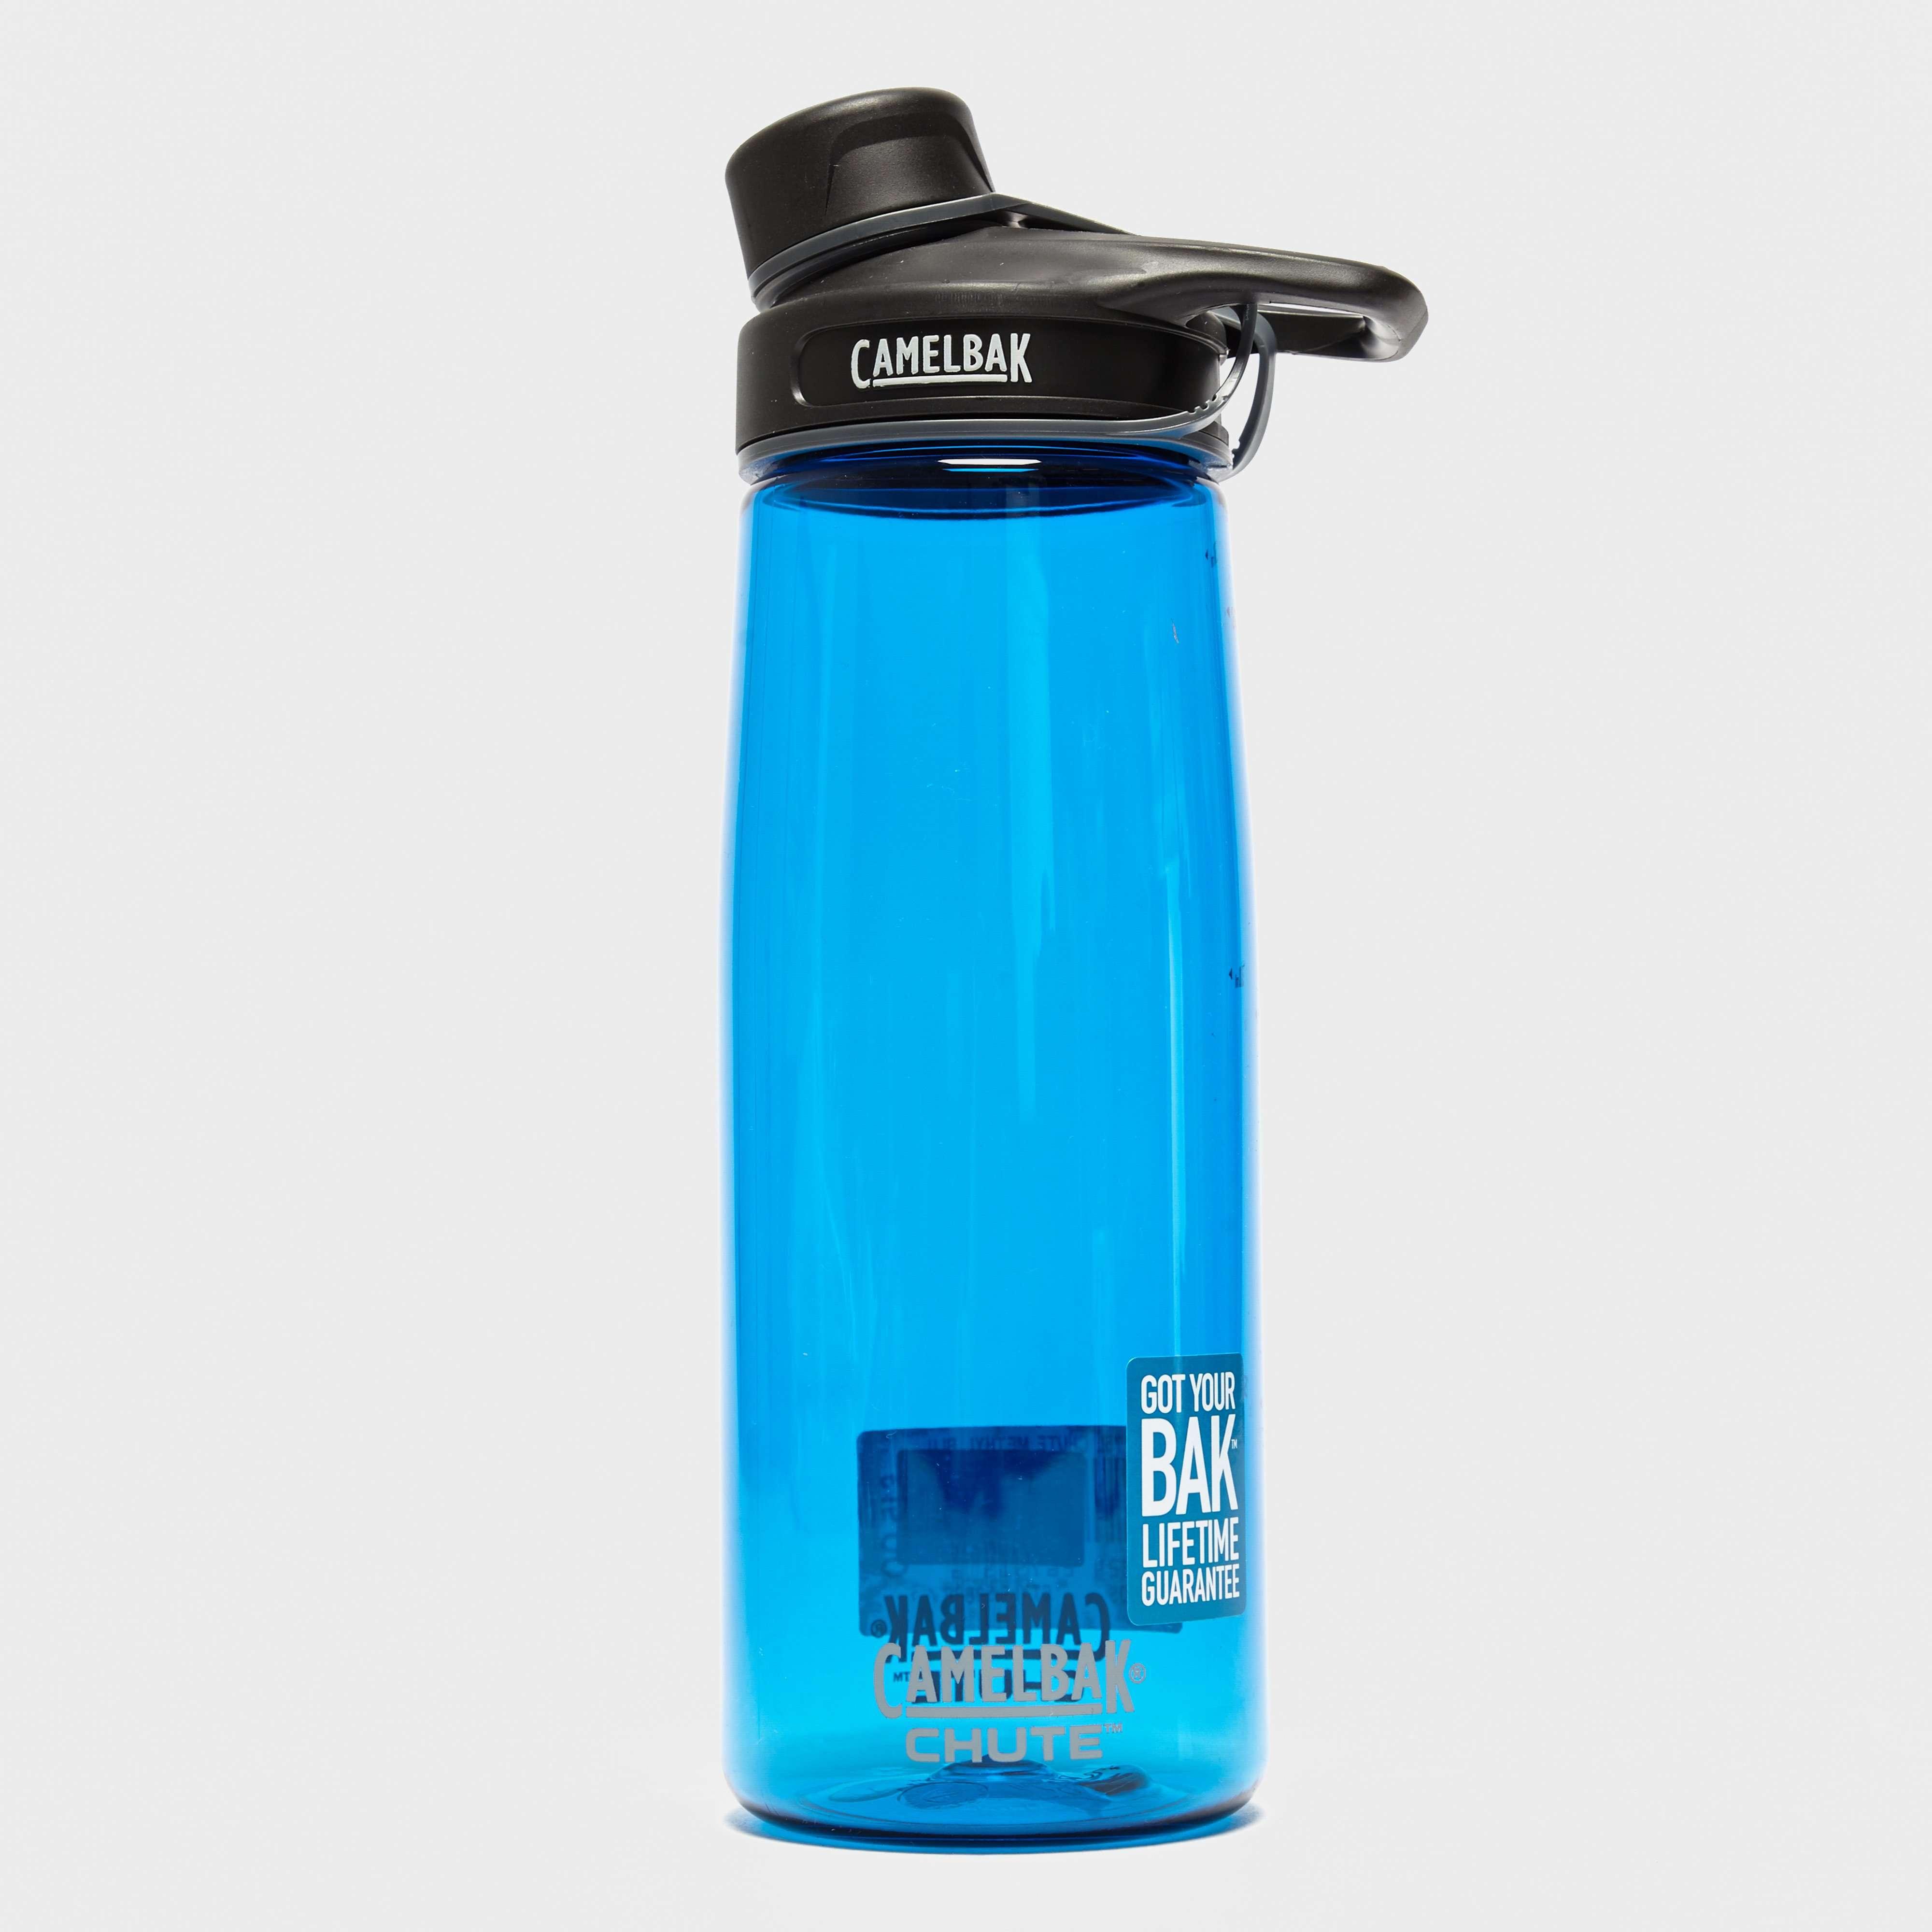 CAMELBAK 0.75 Litre Chute Bottle